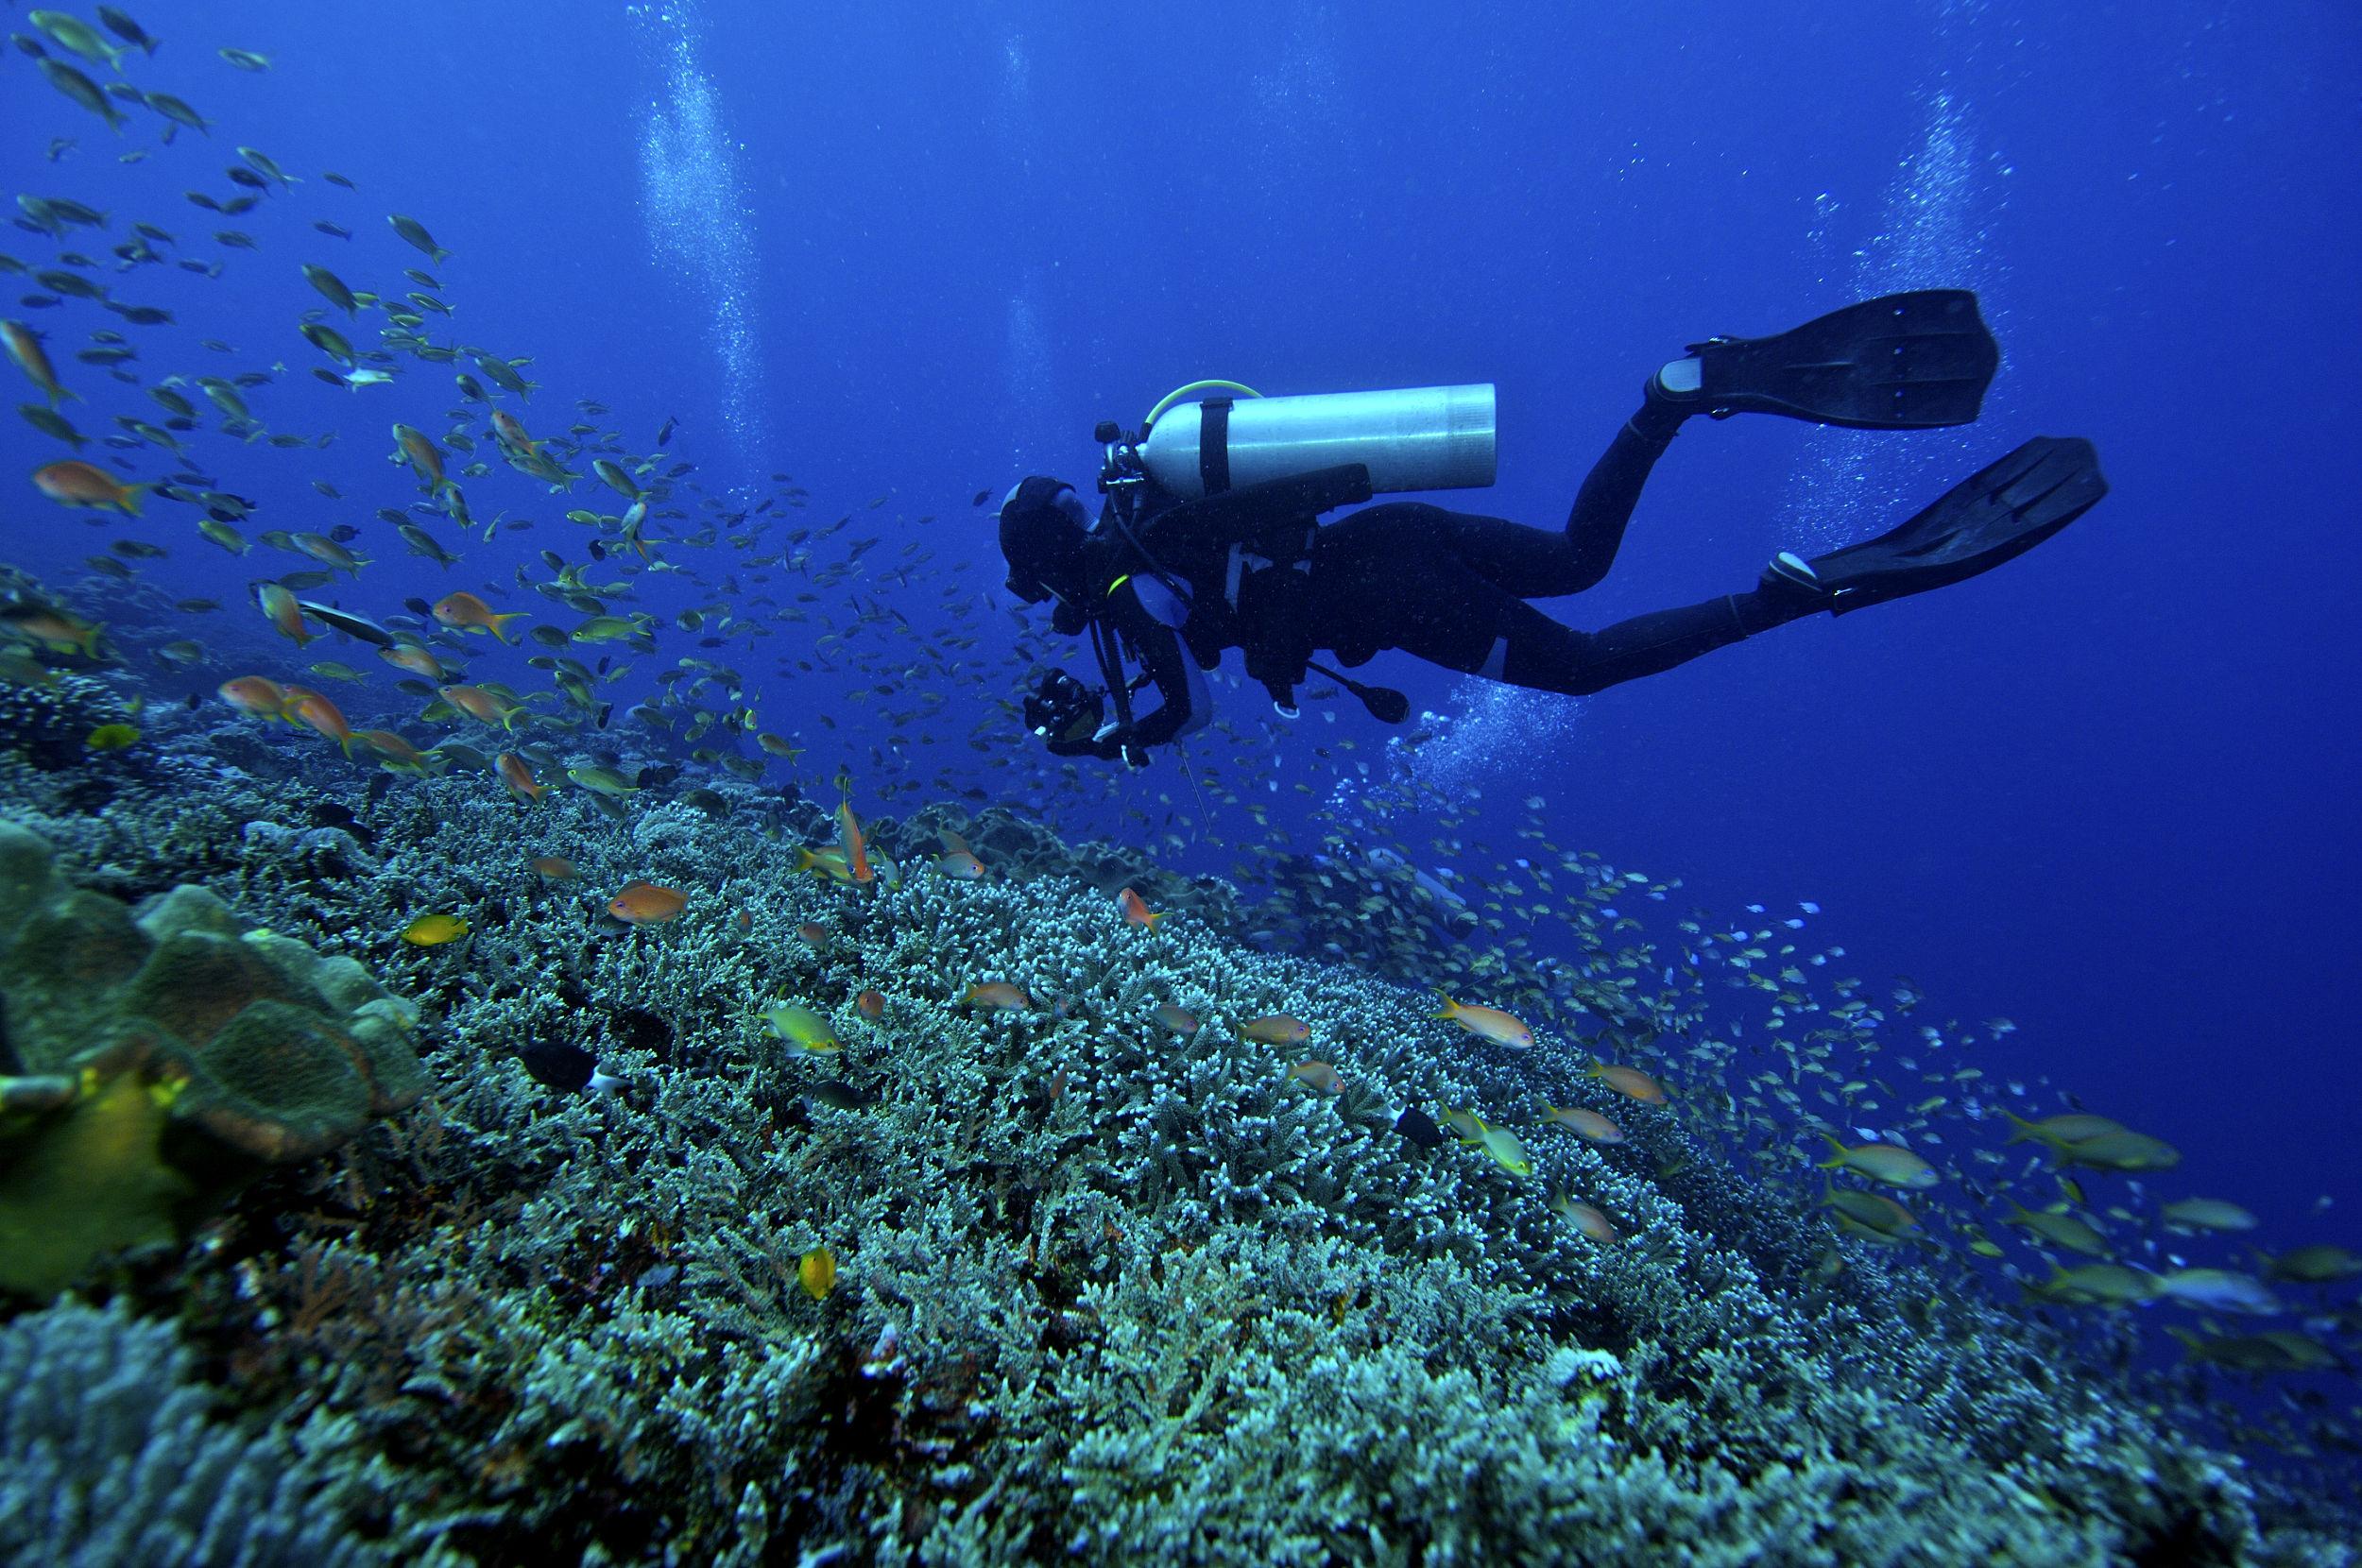 【第一次深潜需要知道哪些事?】 1、 不会游泳可以体验深潜吗? 游泳和深潜没有直接联系,只要能在水下悬浮划行200米就可以。 2、 没有潜水证书,可以进行潜水吗? 在普吉岛,只有斯米兰必须需要AOW潜水证书,其他的海岛没有潜水证书也可以深潜,看一看海底世界。 3、 体验深潜需要自带潜水装备吗? 不需要,一般情况下船公司会提供潜水服、氧气瓶等专业的设备。 4、 深潜有教练吗? 当然有,还有的潜水中心有中文教练,你可以自由选择教练来指导你深潜的相关事宜。教练会先给你上有关潜水的教程,并且带你一起下海。一般教练